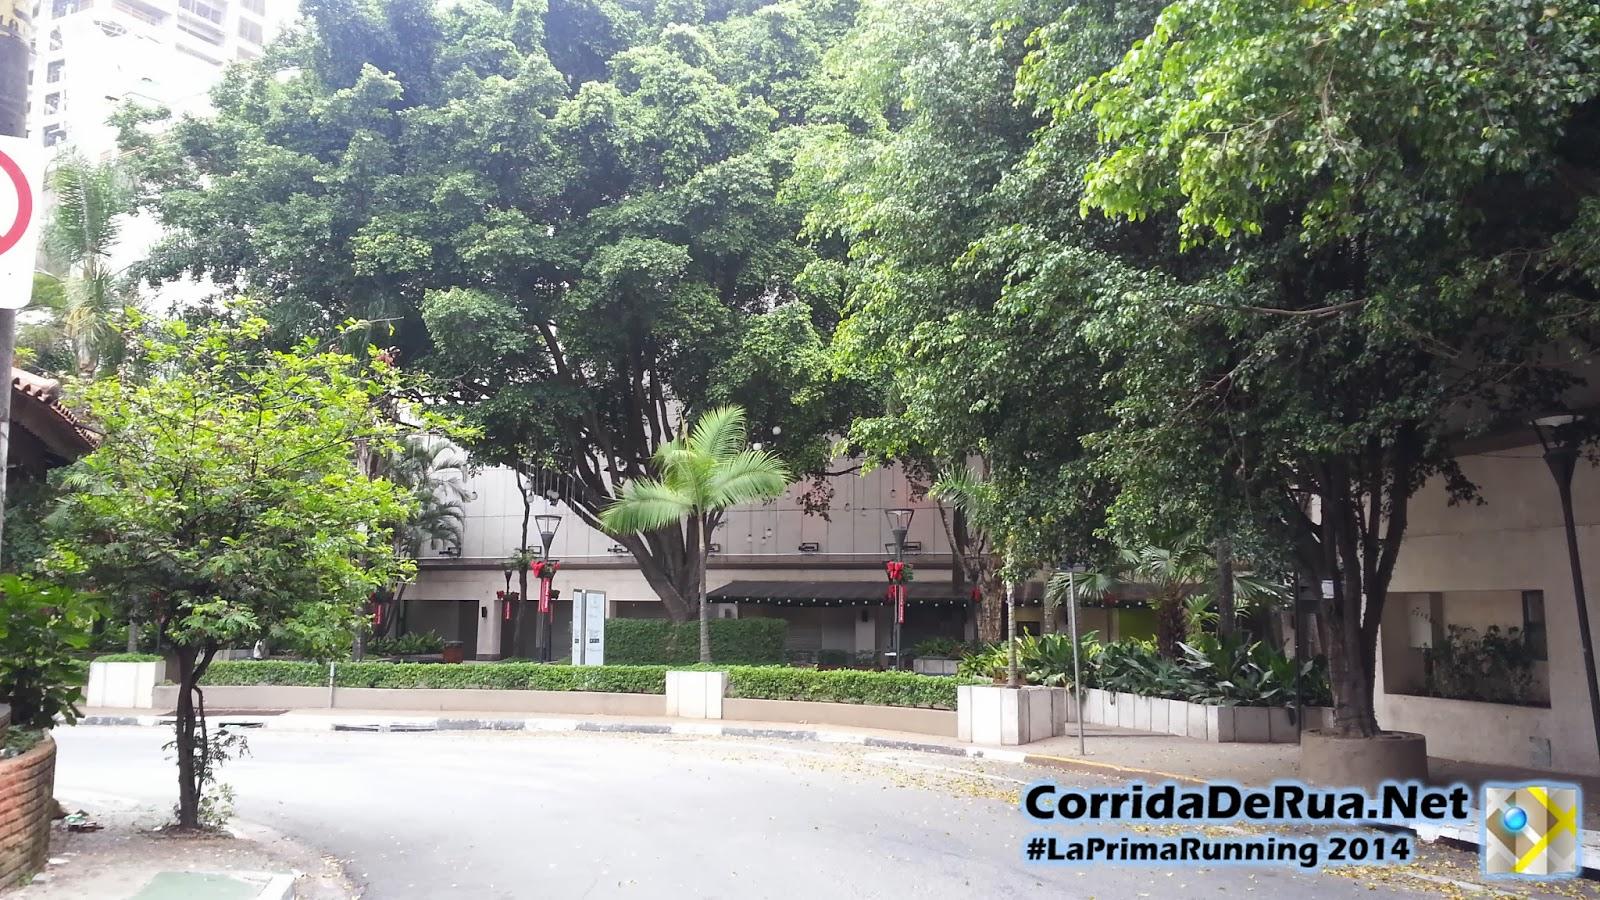 Boulevard comercial na Rua Teixeira e Souza - Corrida De Rua